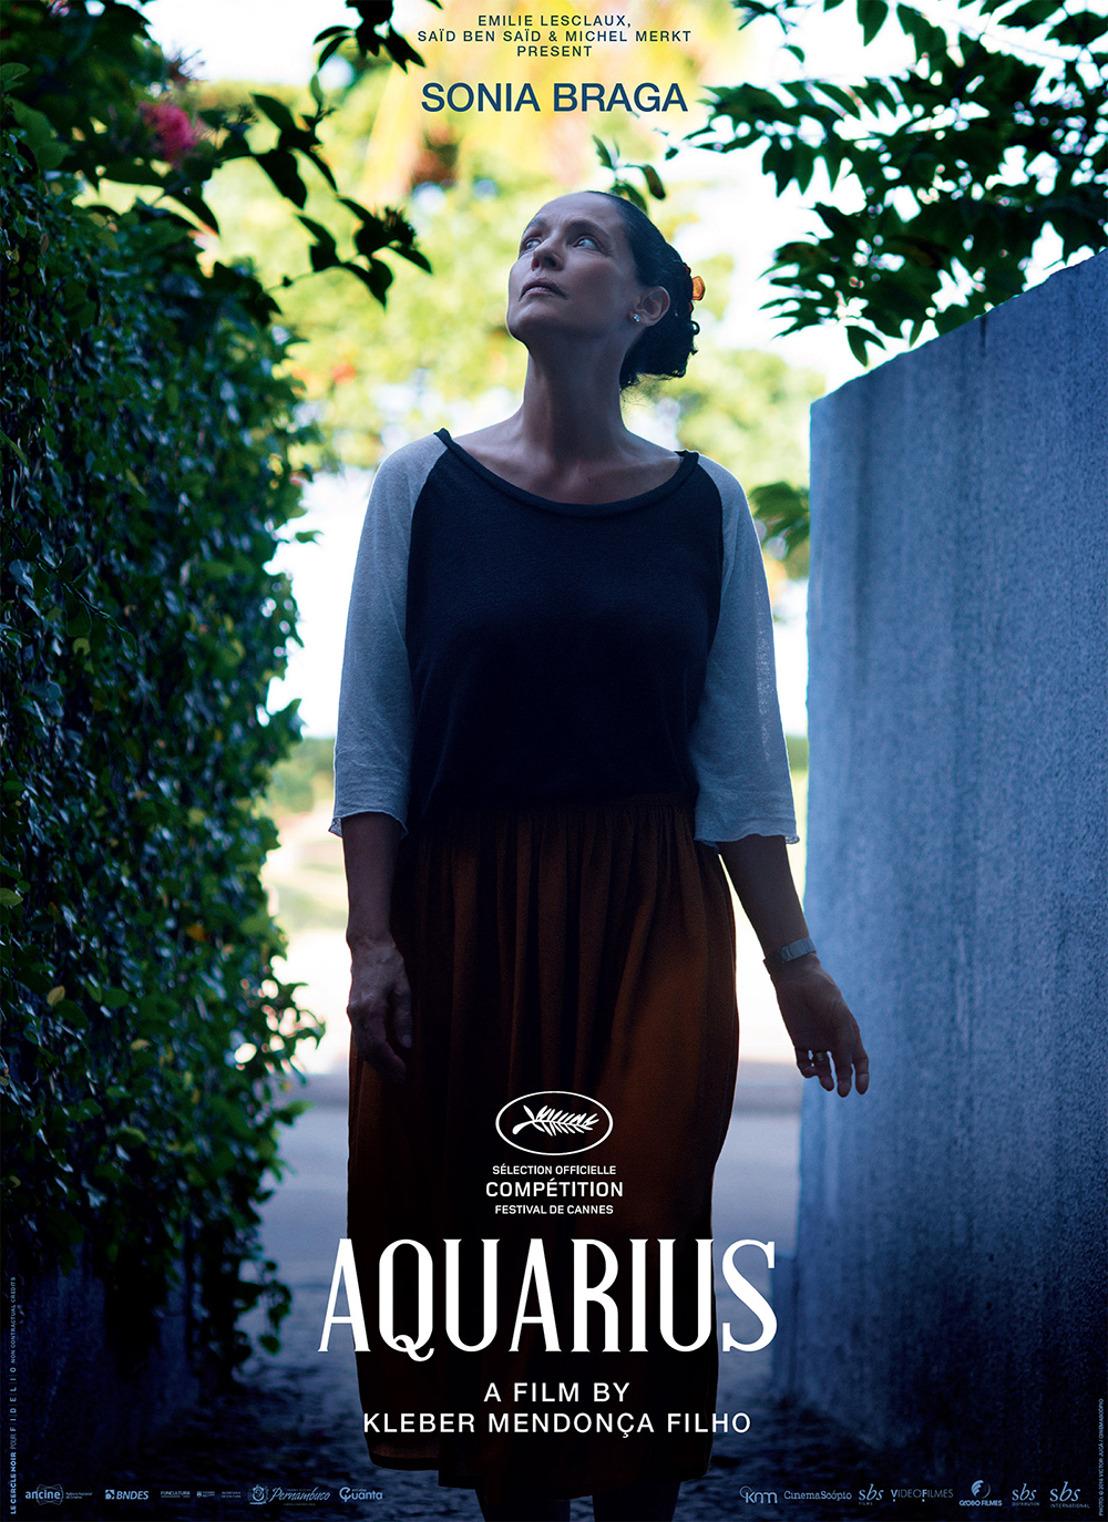 Premios Fénix y Cultura Colectiva presentarán la cinta Aquarius en el Corredor Cultural Roma Condesa